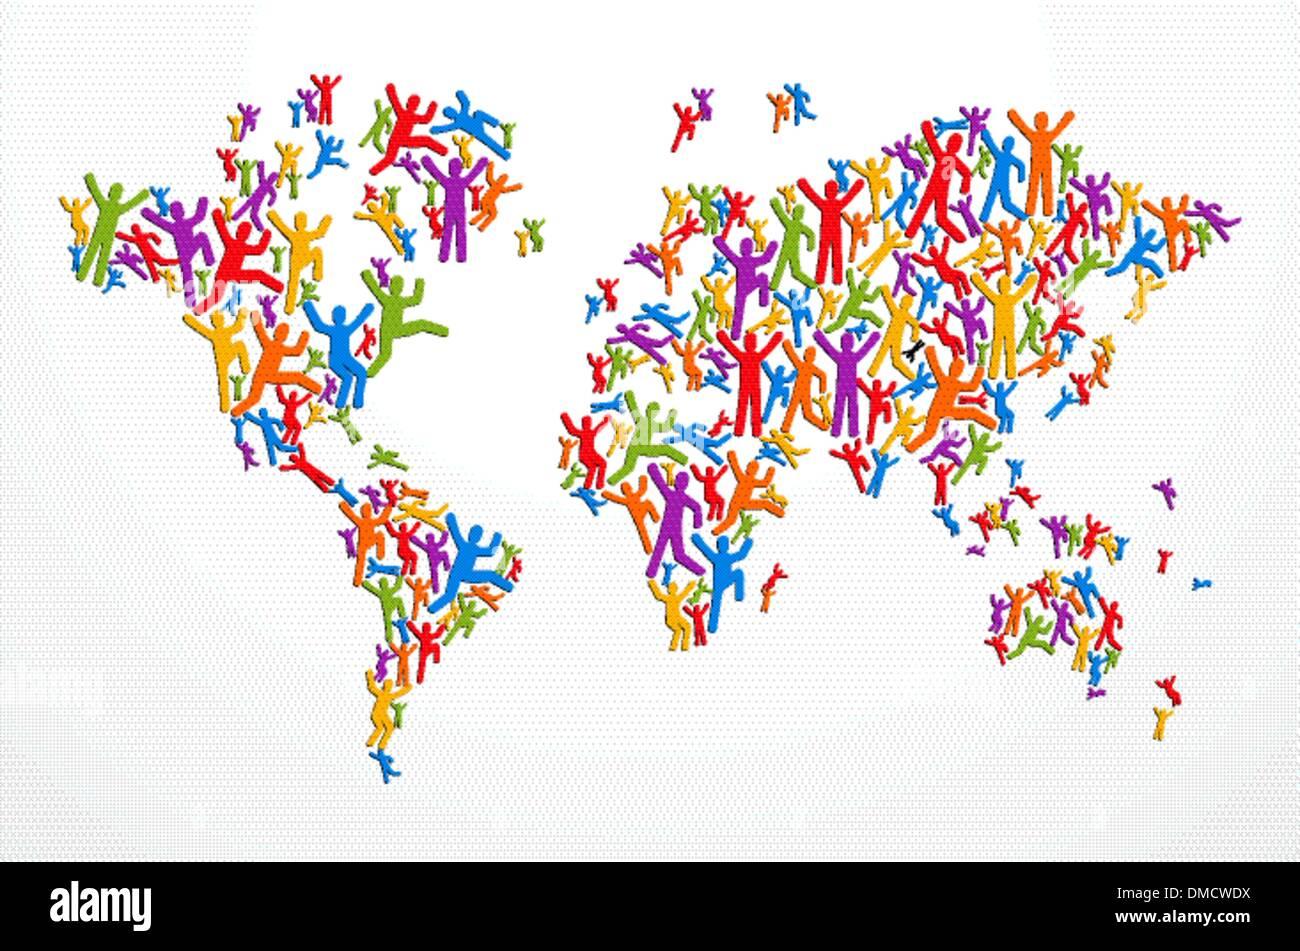 Diverstiy pessoas conceito mapa do mundo Imagens de Stock